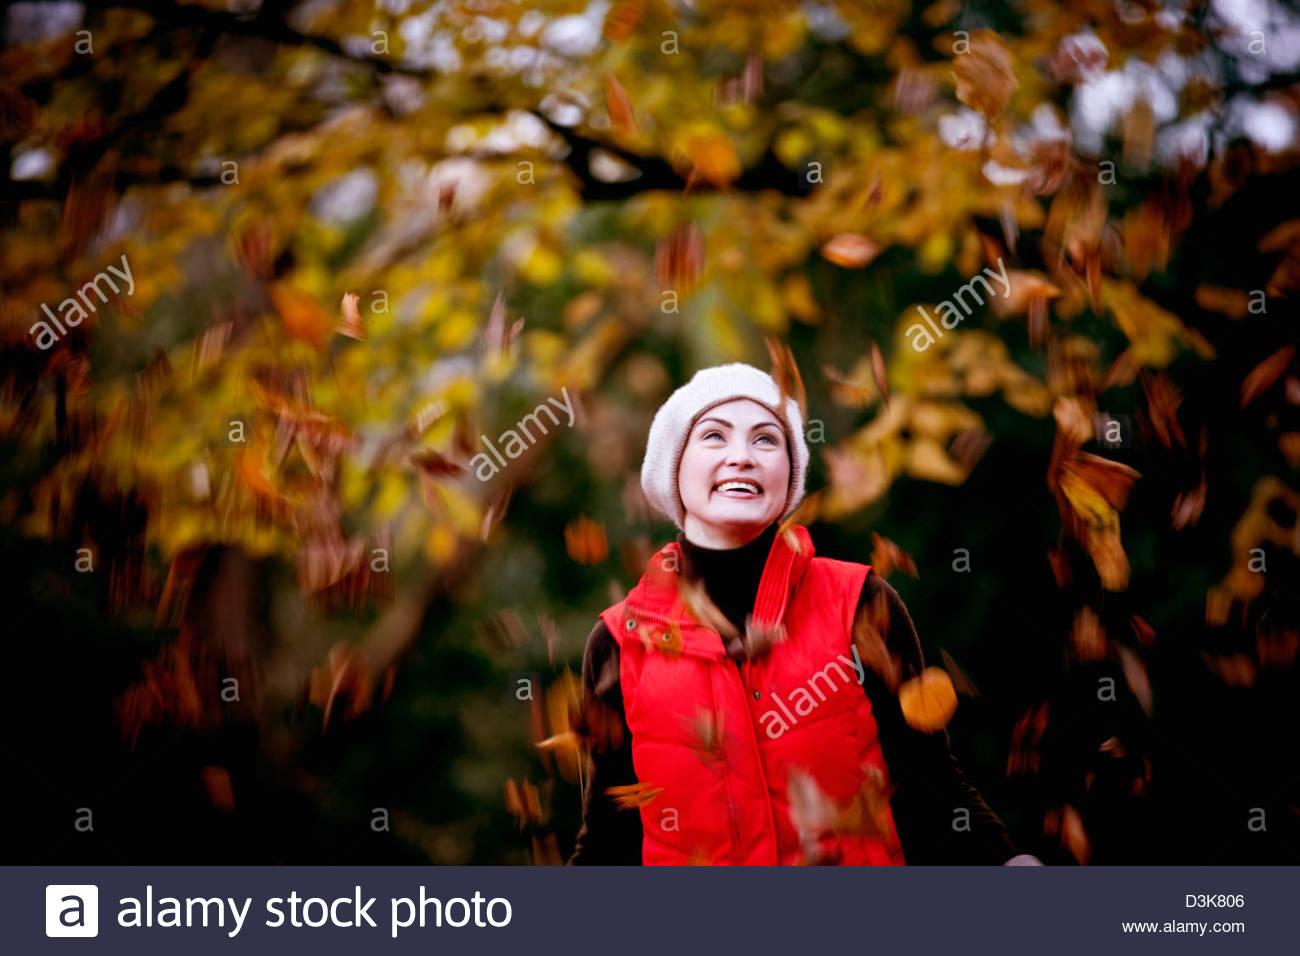 Una mujer de pie entre caer hojas de otoño Imagen De Stock